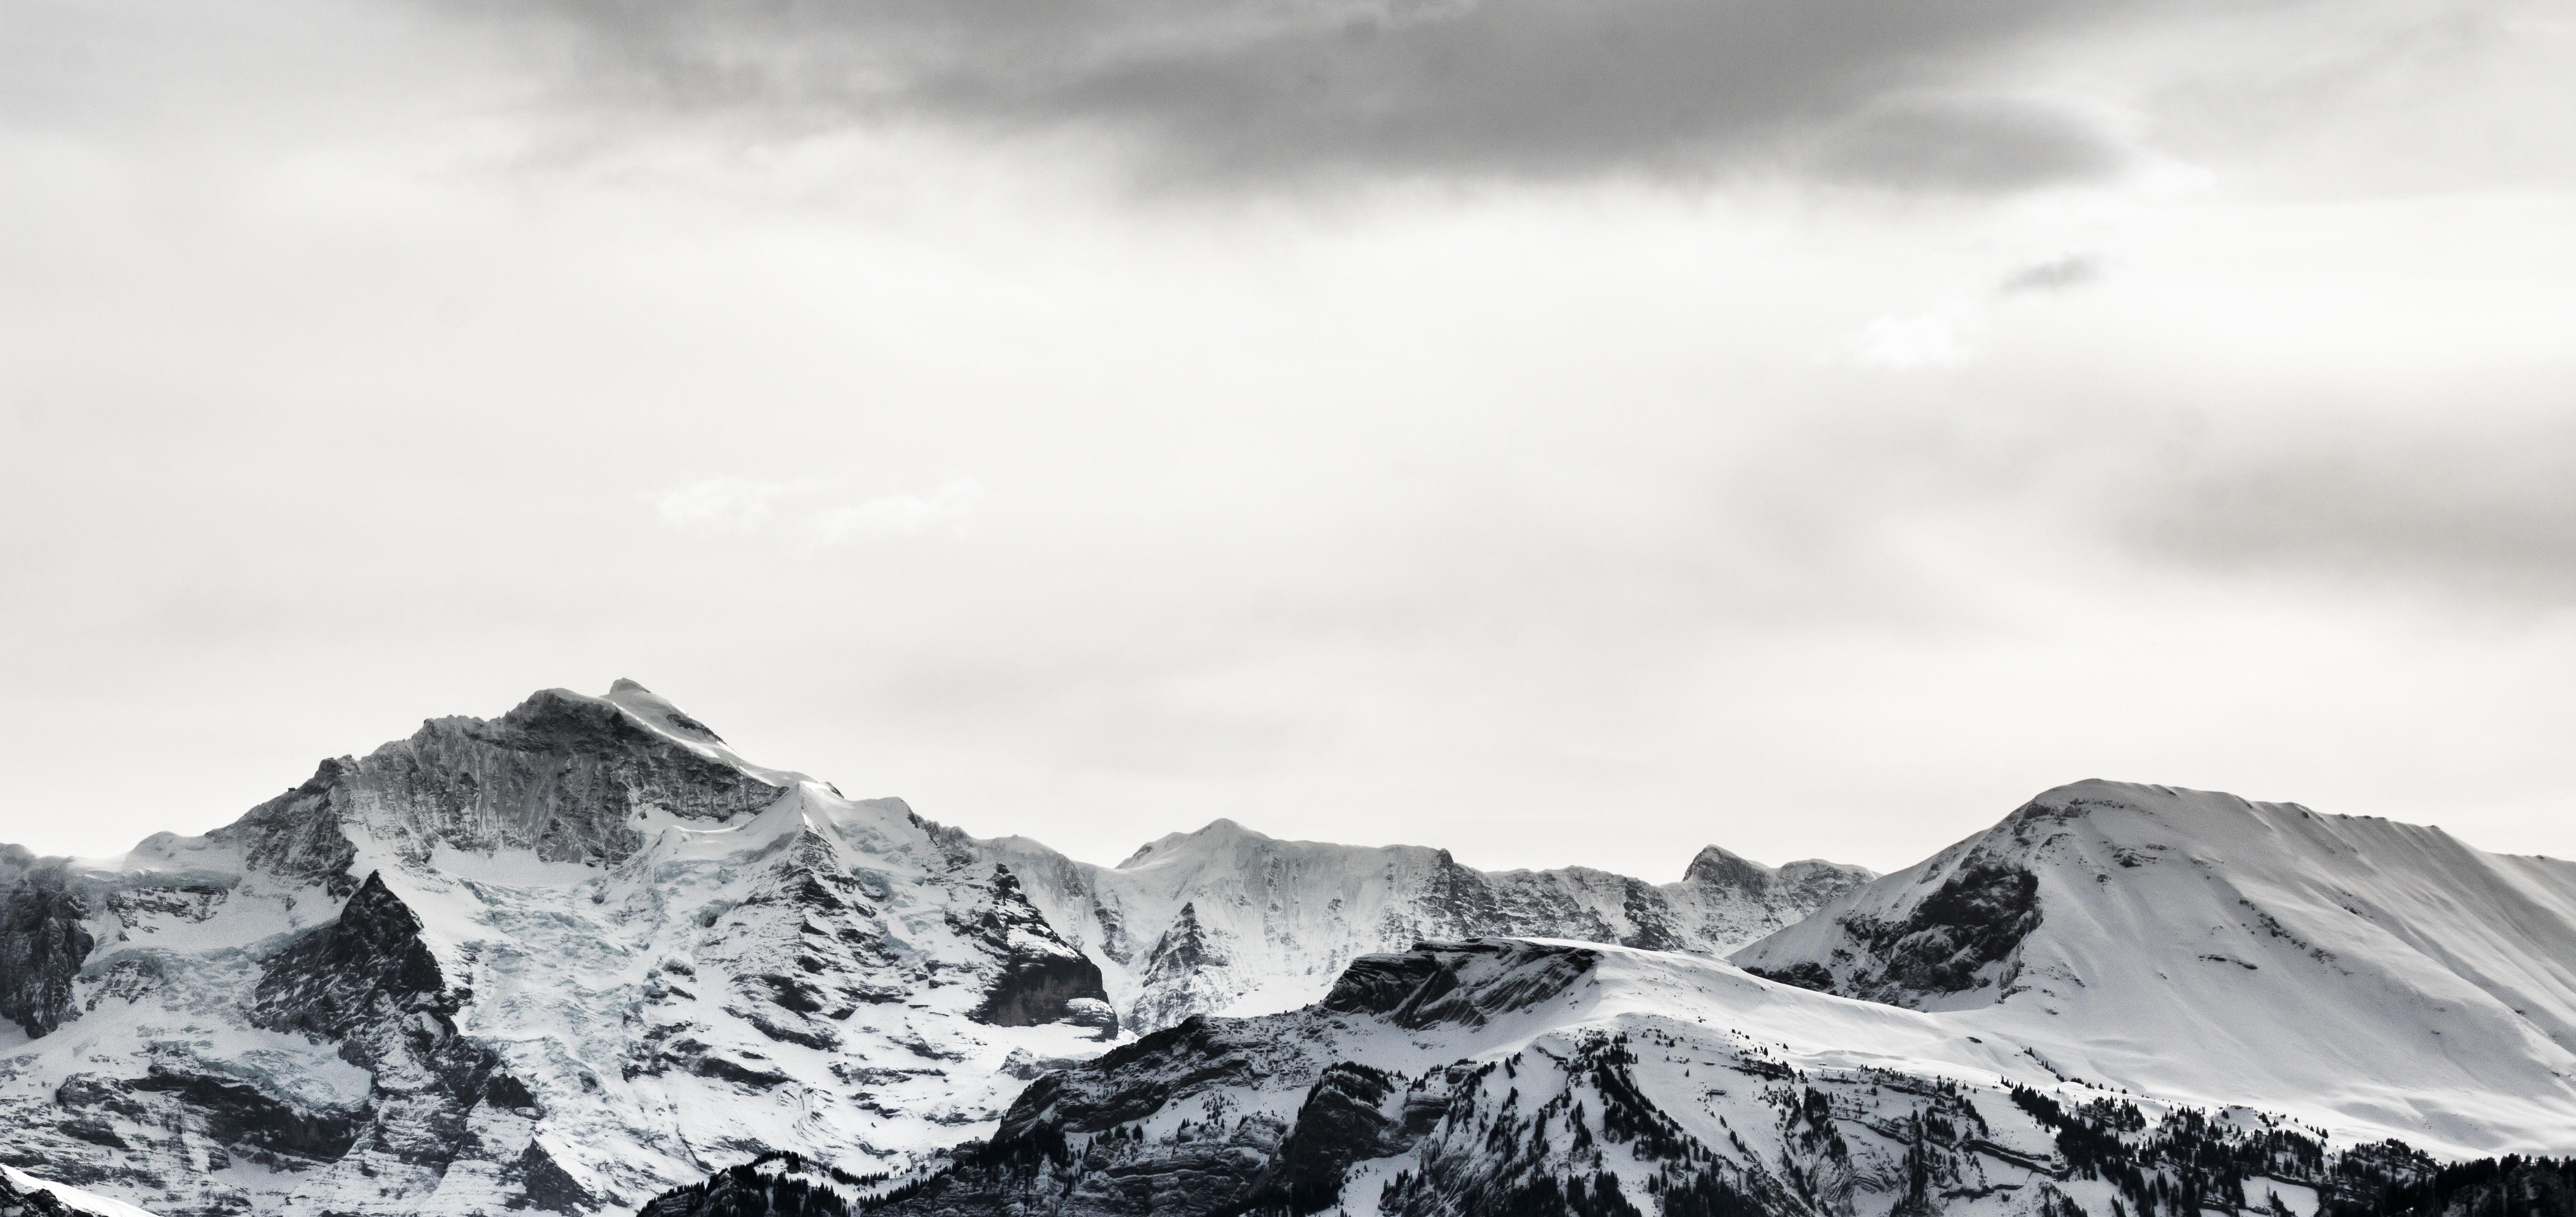 Free Images : landscape, nature, rock, snow, winter, cloud, black ...